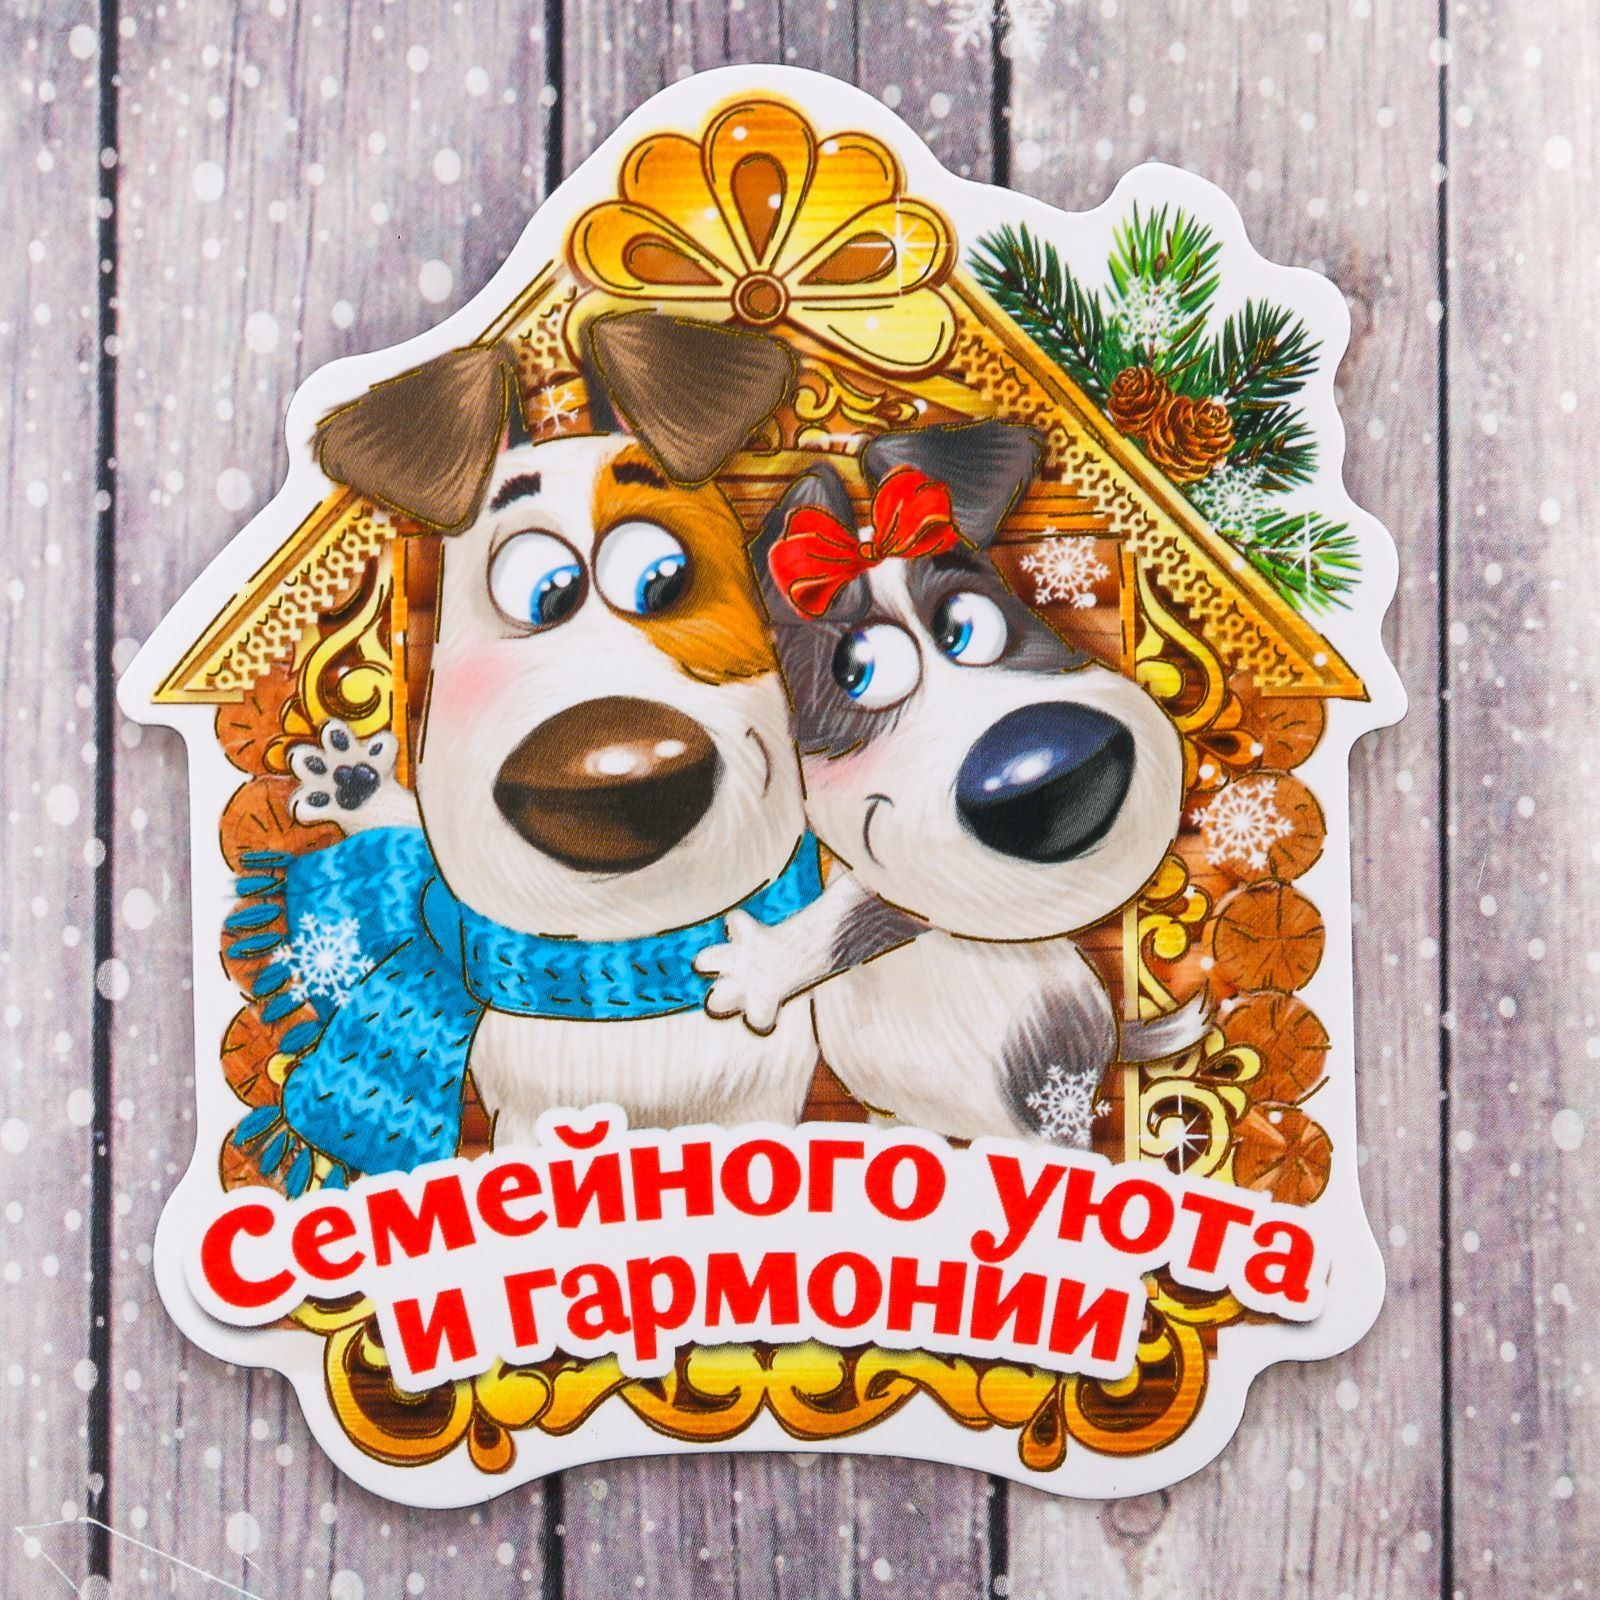 Магнит Sima-land Семейного уюта и гармонии, 7,7 х 8,6 см1894010Порадуйте родных и близких оригинальным сувениром: преподнесите в подарок магнит. С ним даже самый серьёзный человек почувствует себя ребёнком, ожидающим чудо! Создайте праздничное настроение, и оно останется с вами на весь год.